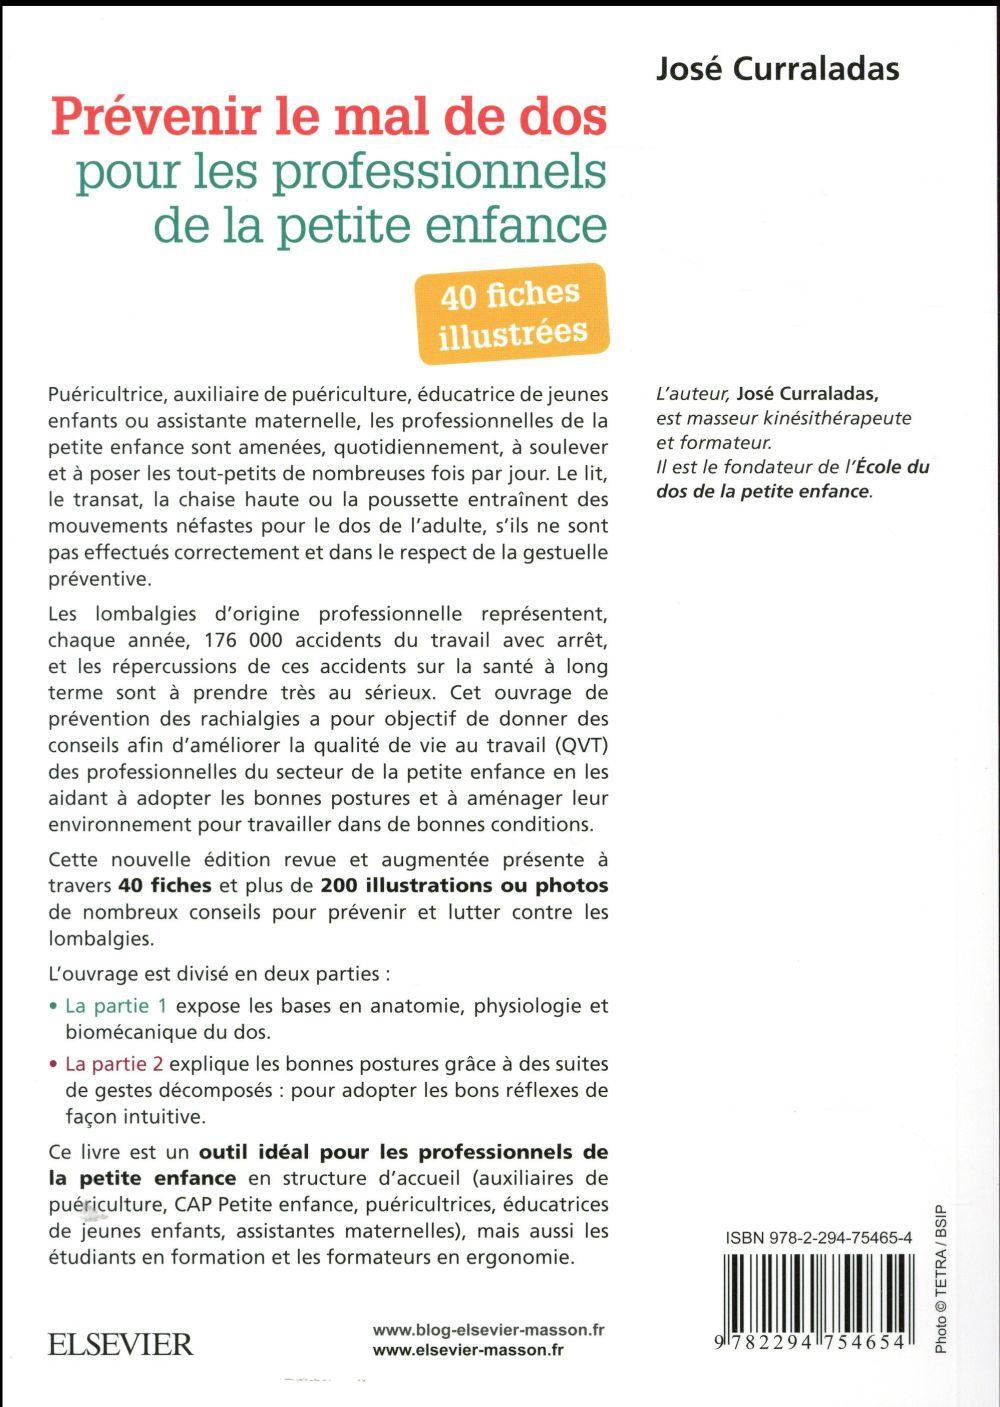 40 fiches illustrées prévenir le mal de dos (2e édition)